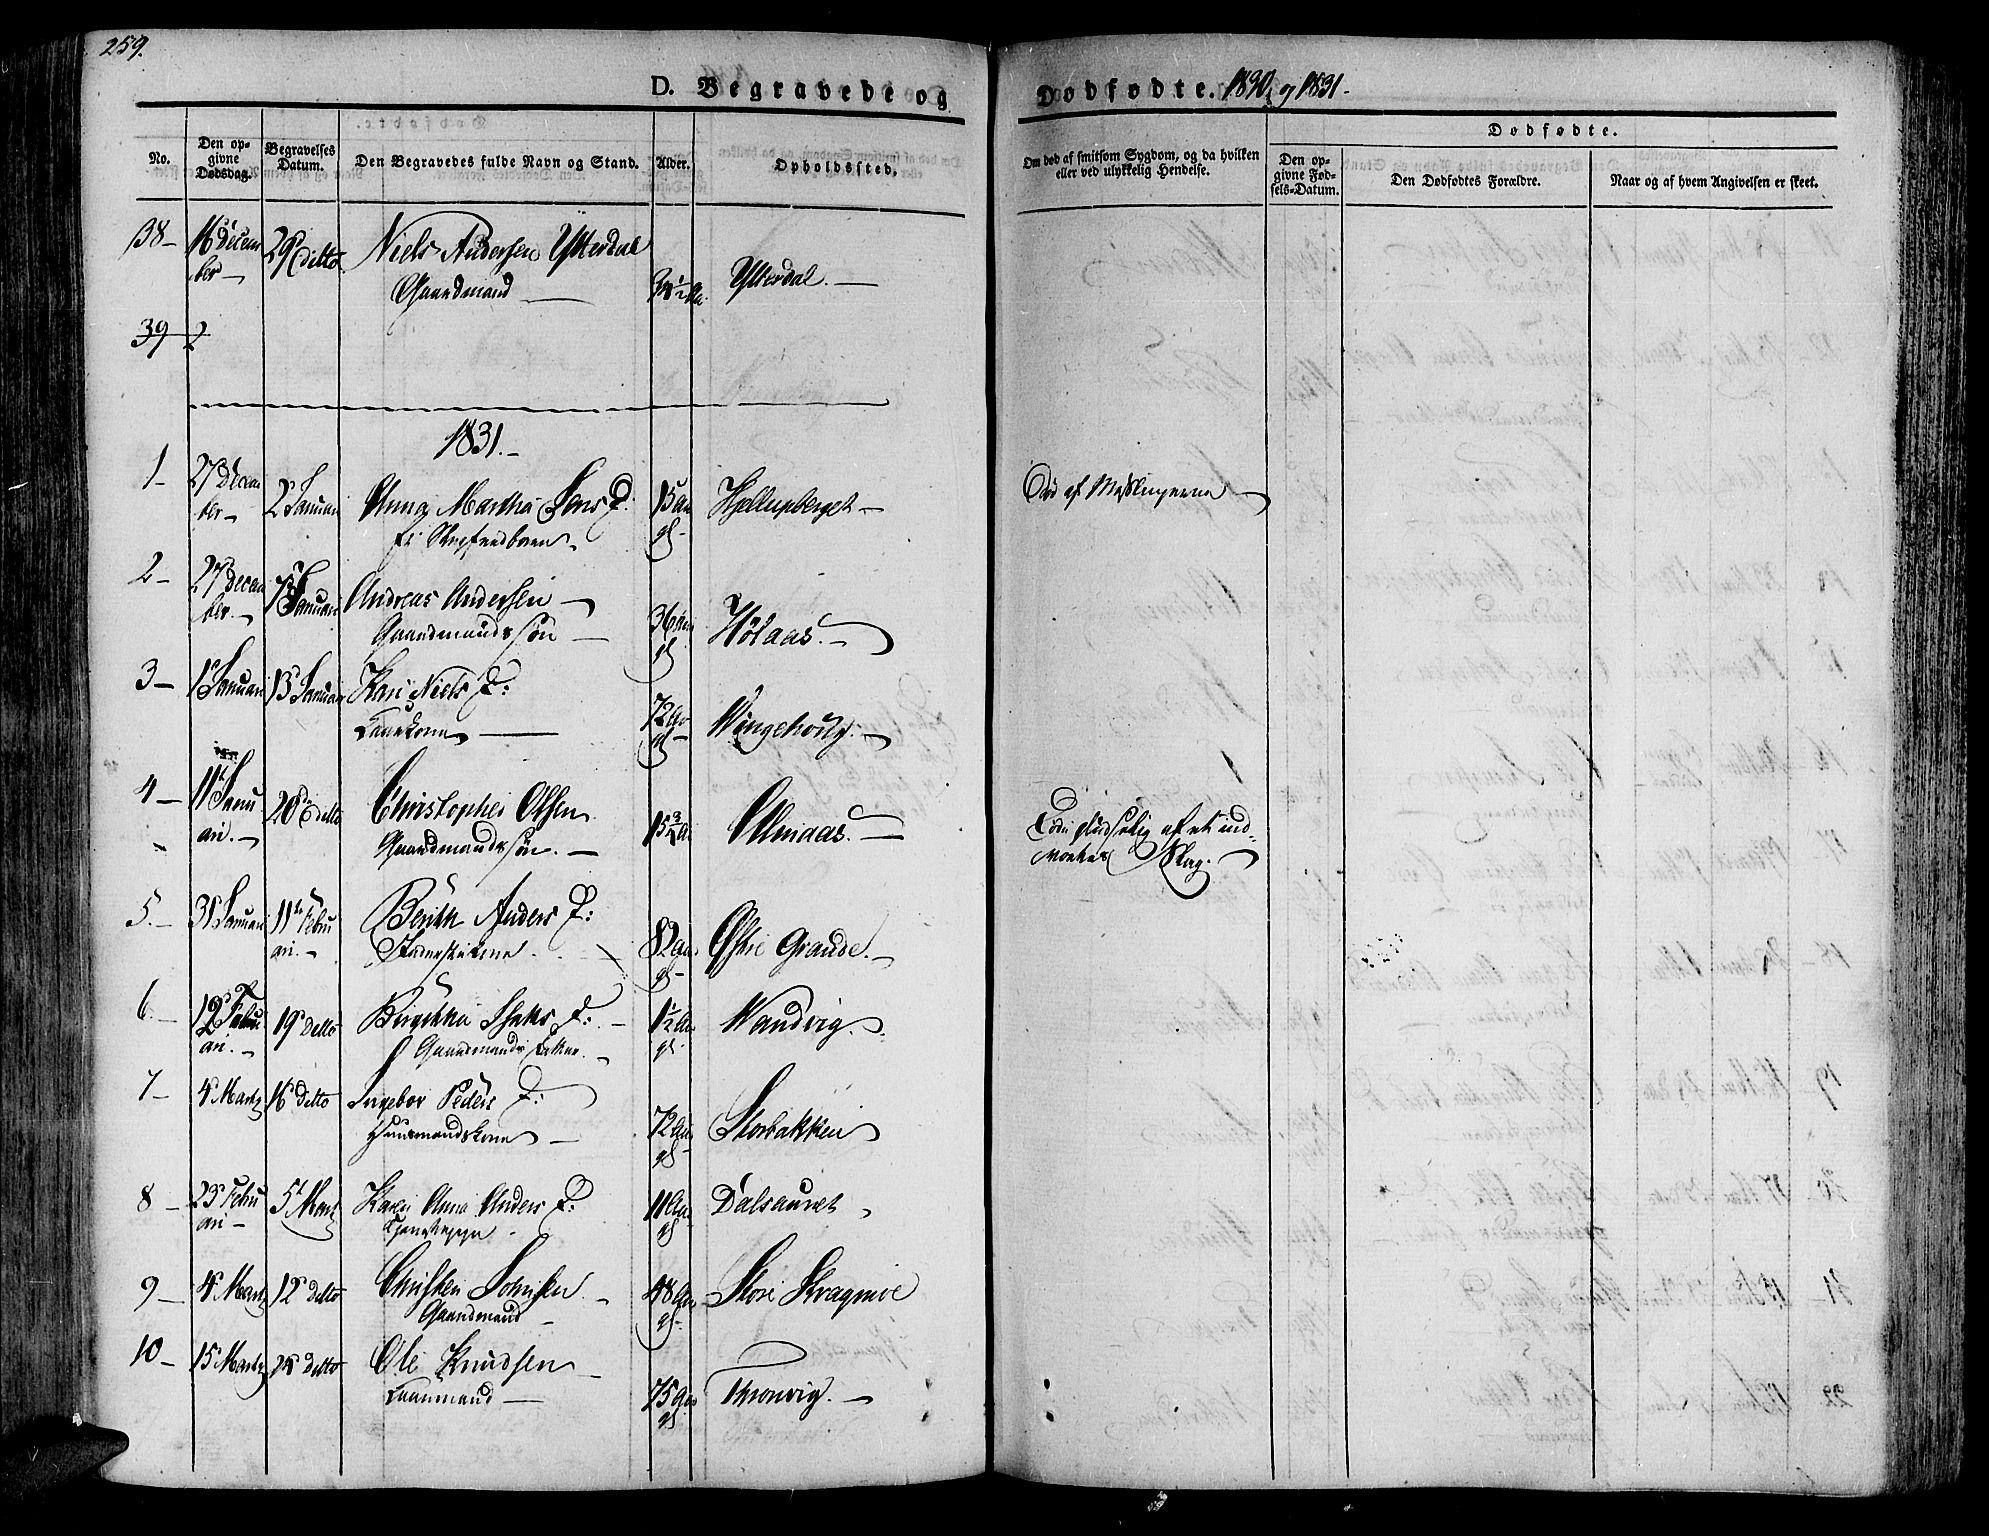 SAT, Ministerialprotokoller, klokkerbøker og fødselsregistre - Nord-Trøndelag, 701/L0006: Ministerialbok nr. 701A06, 1825-1841, s. 259